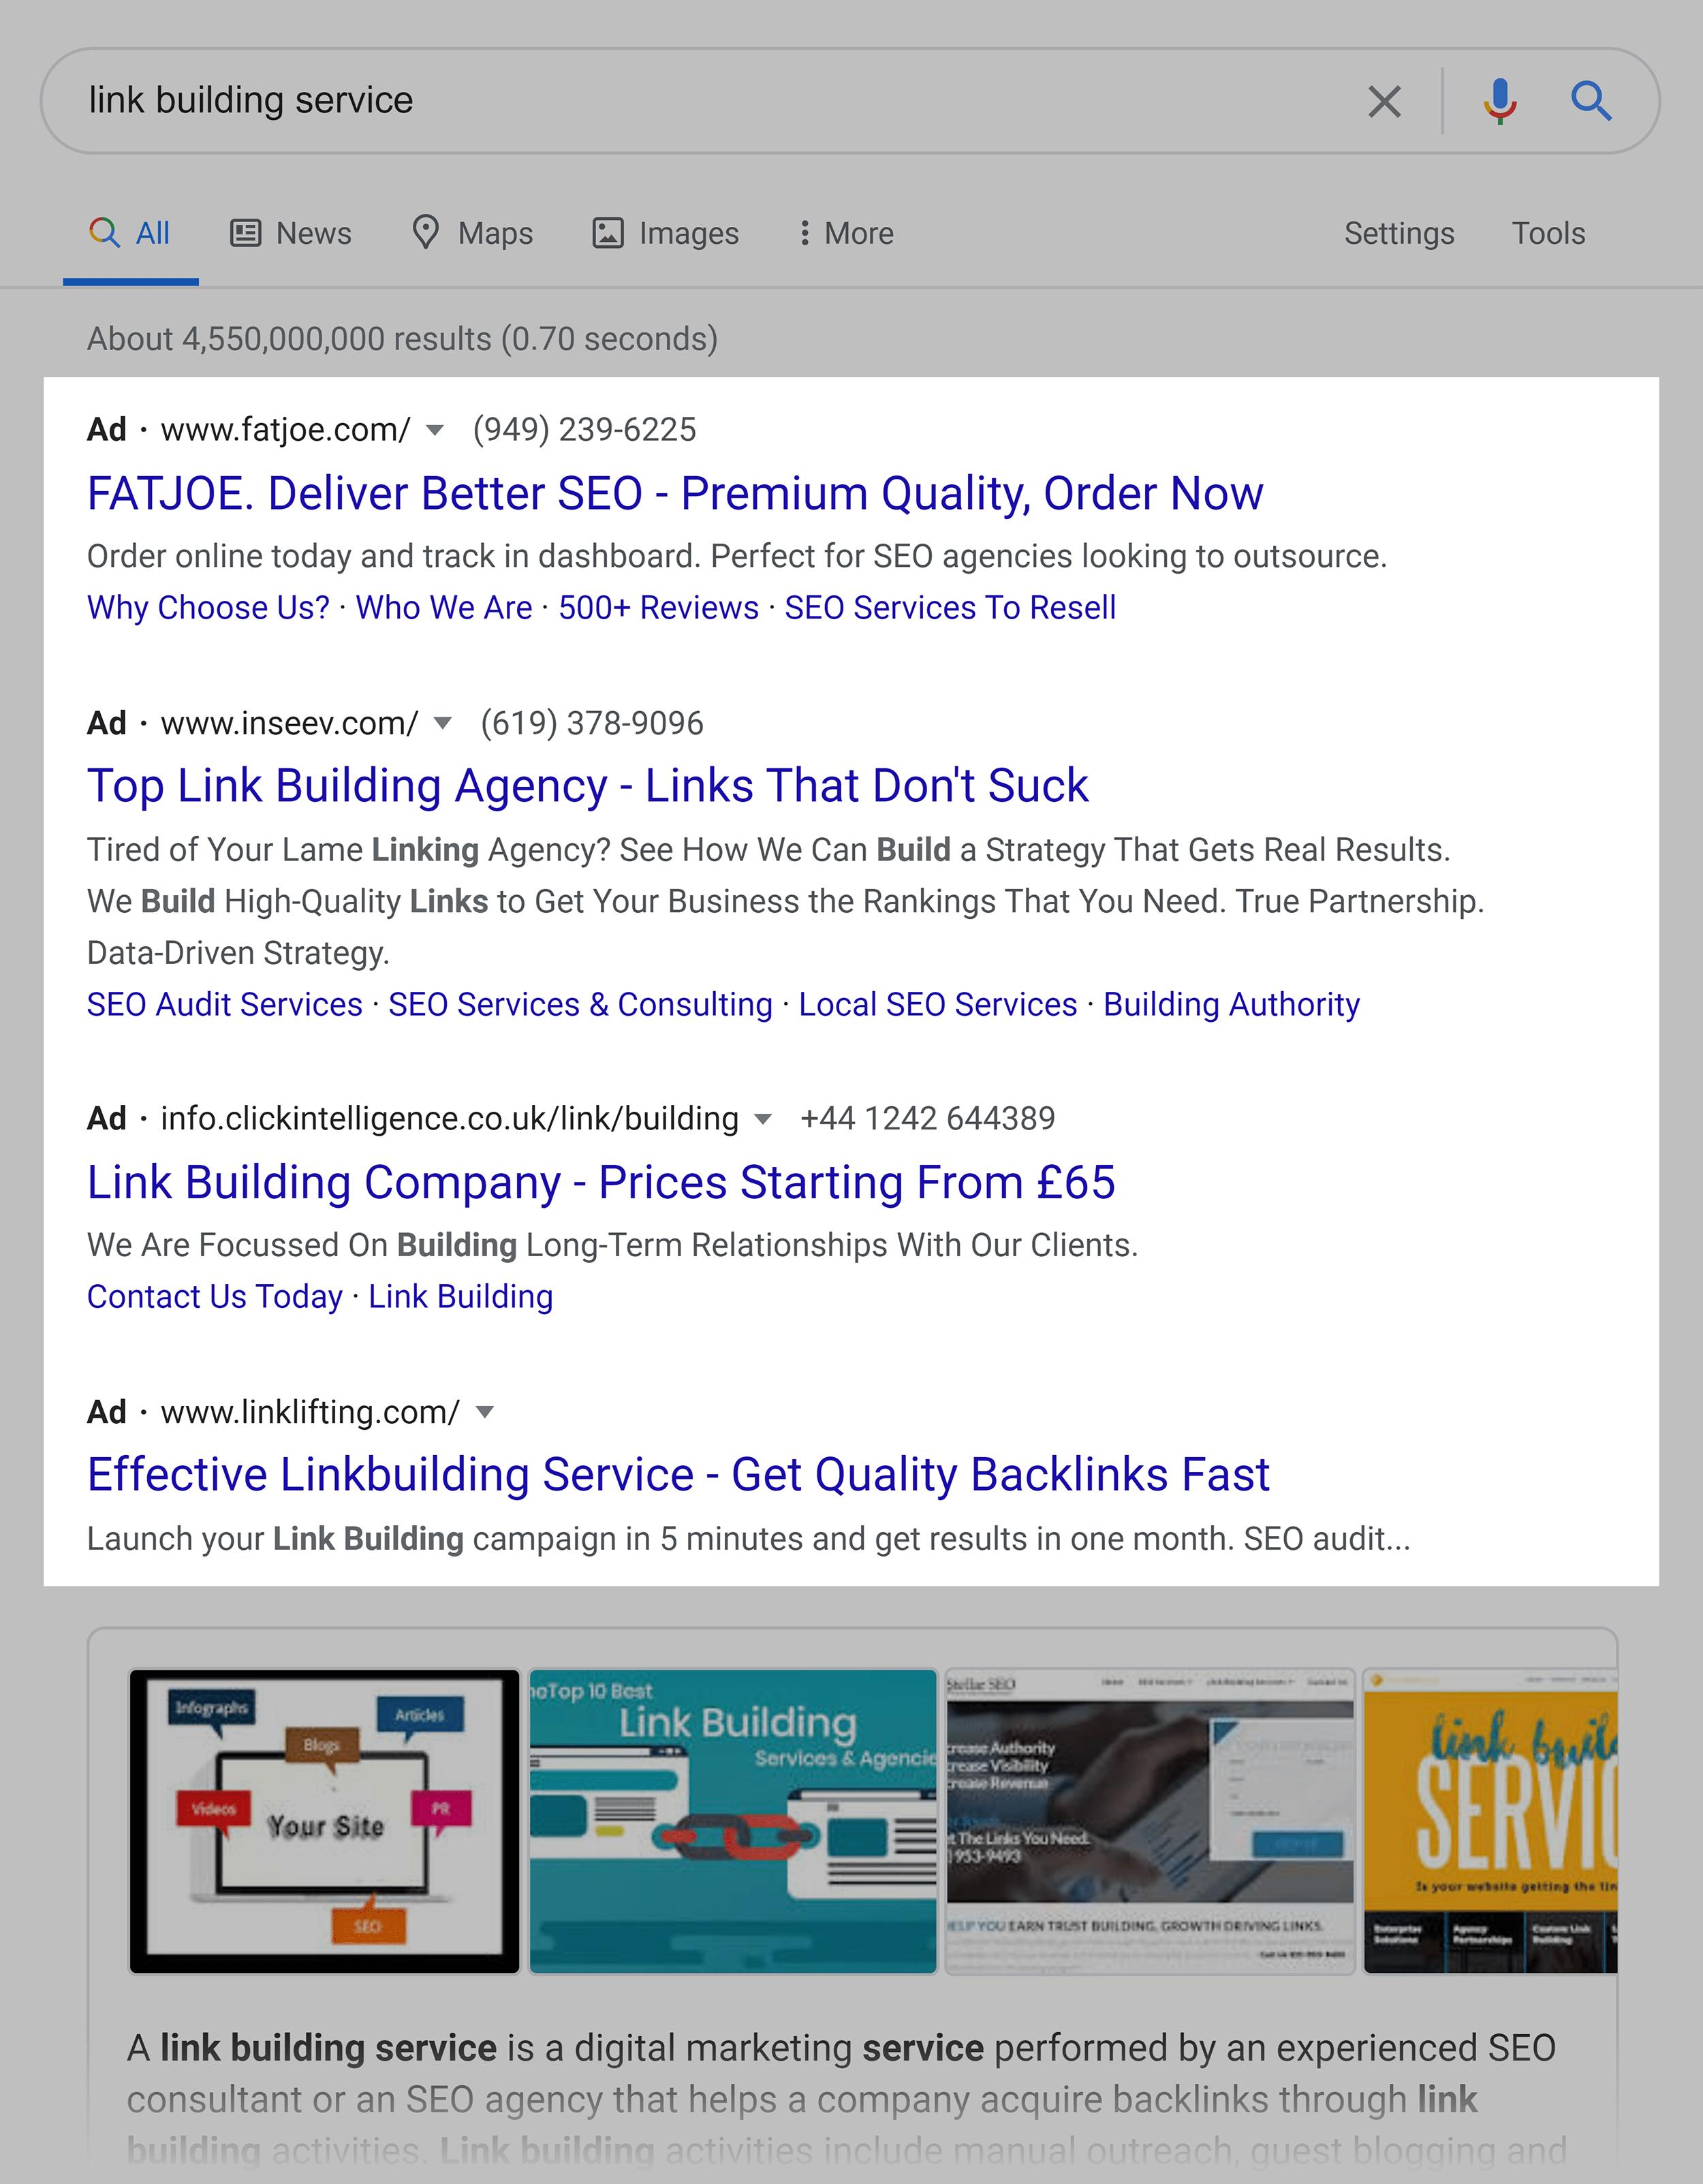 Google Ads take SERP real estate